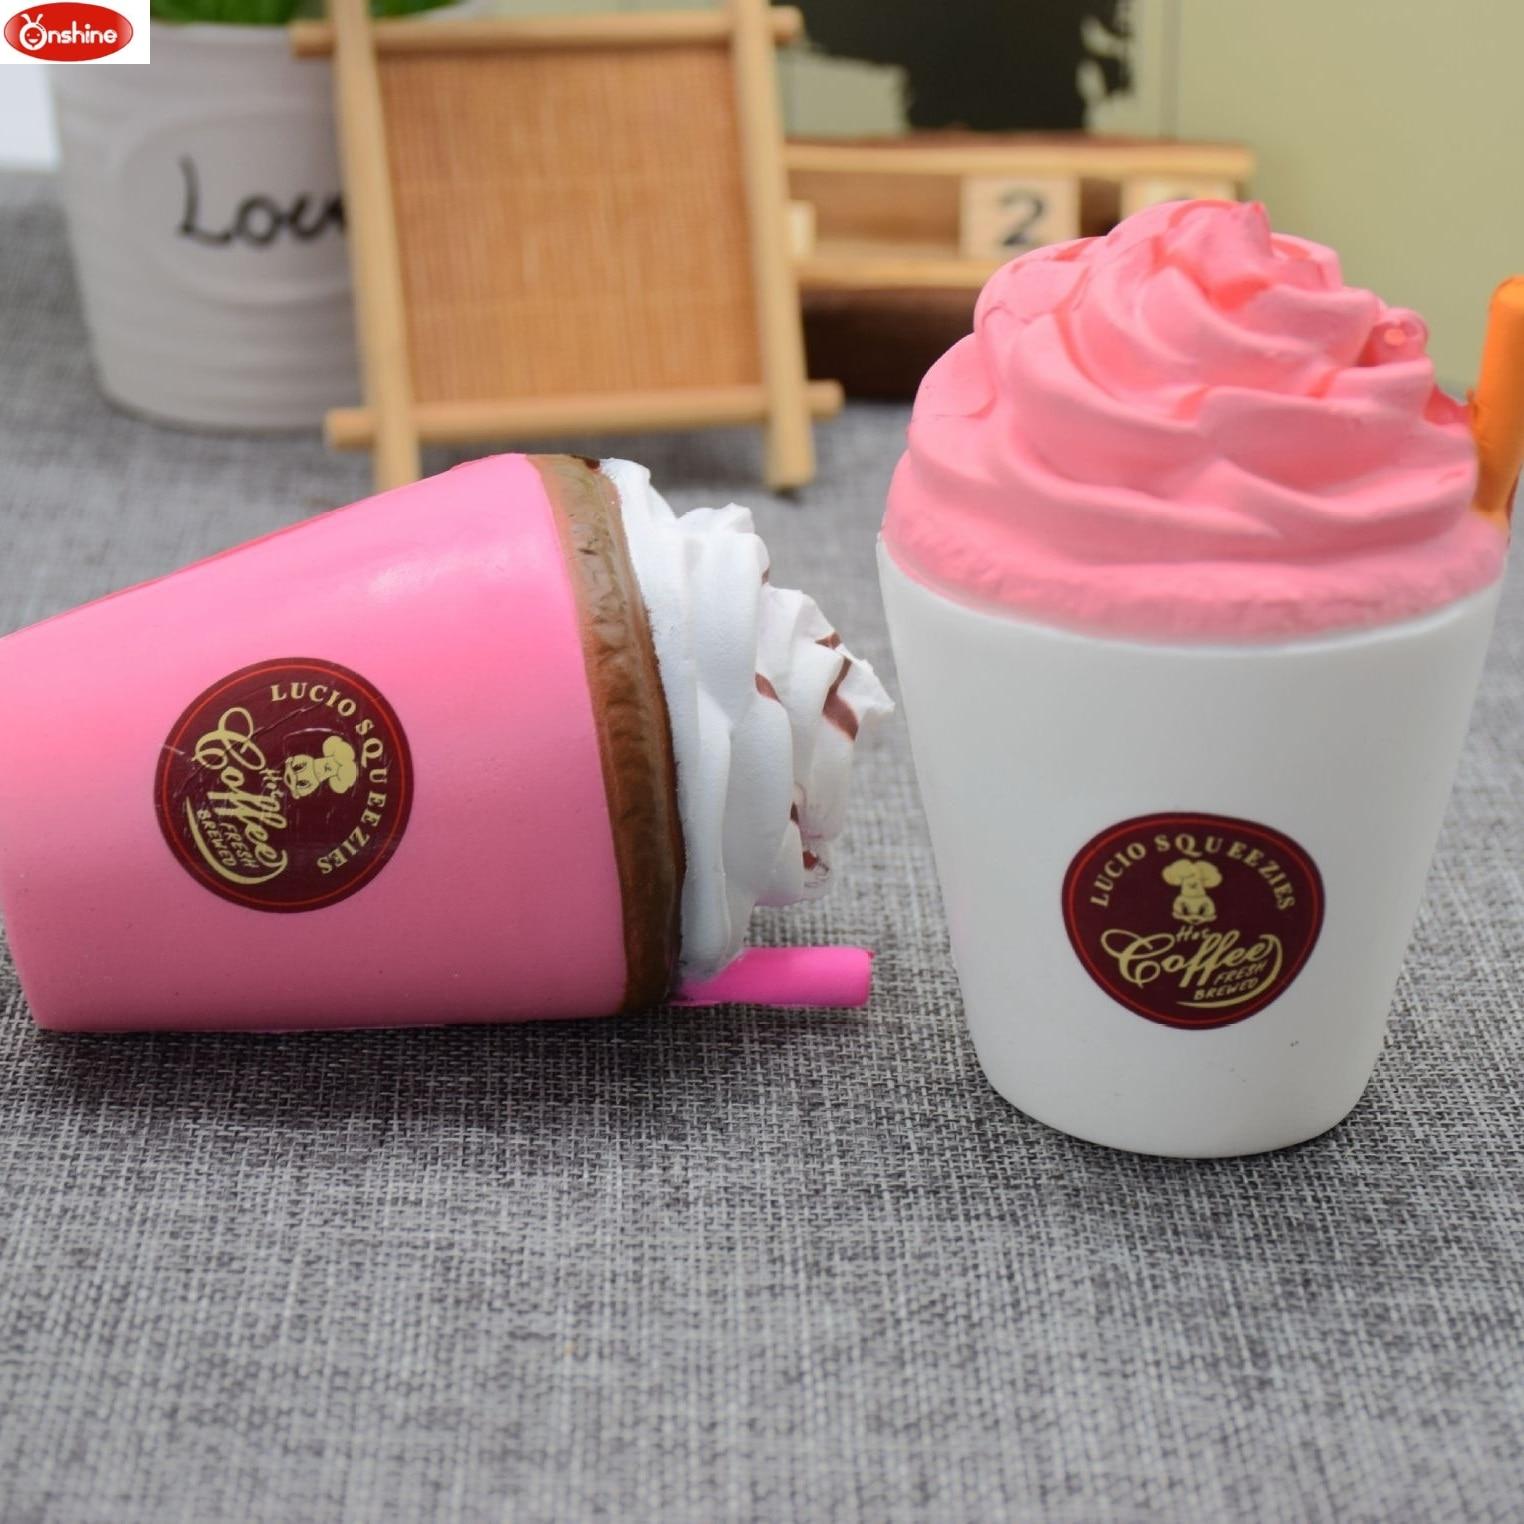 जंबो प्यारा कॉफी कप शीतल - नवीनता और मजेदार खिलौने